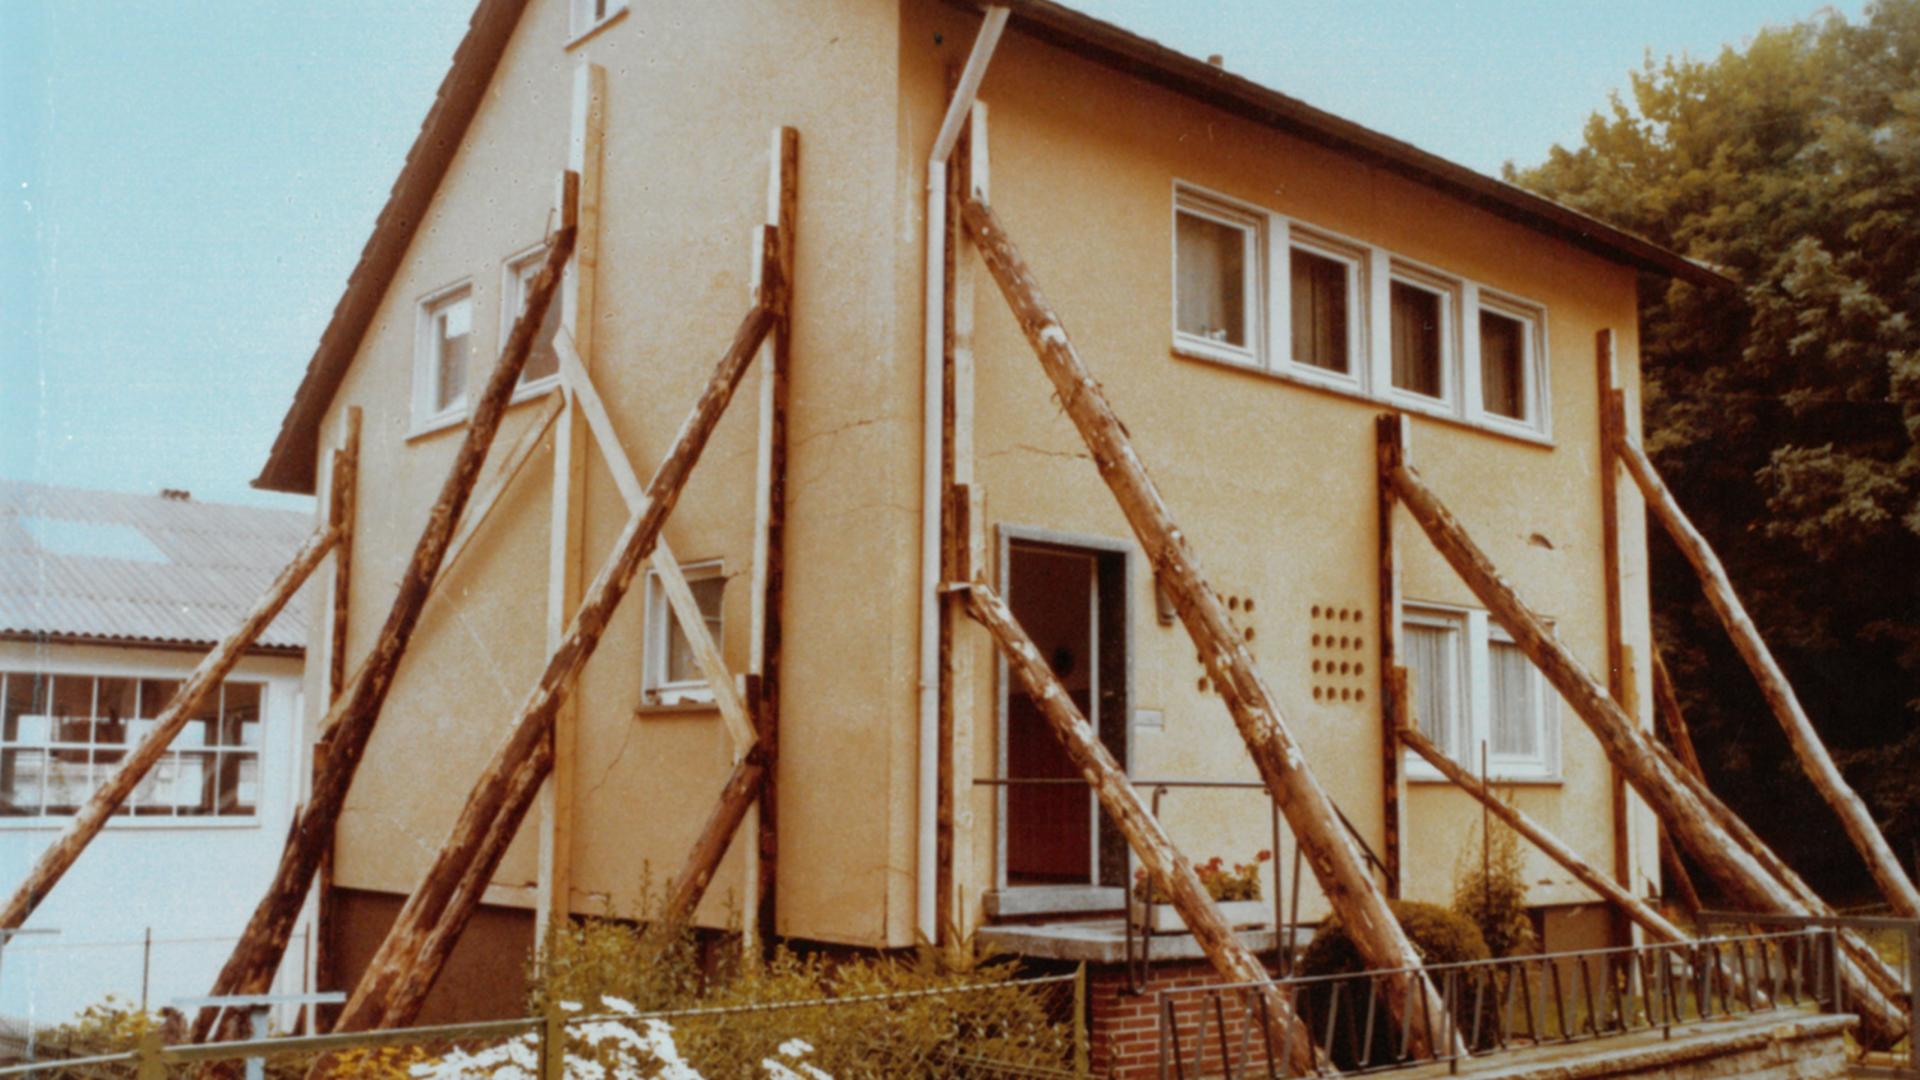 Haus wird von Holzpfleilern gestützt